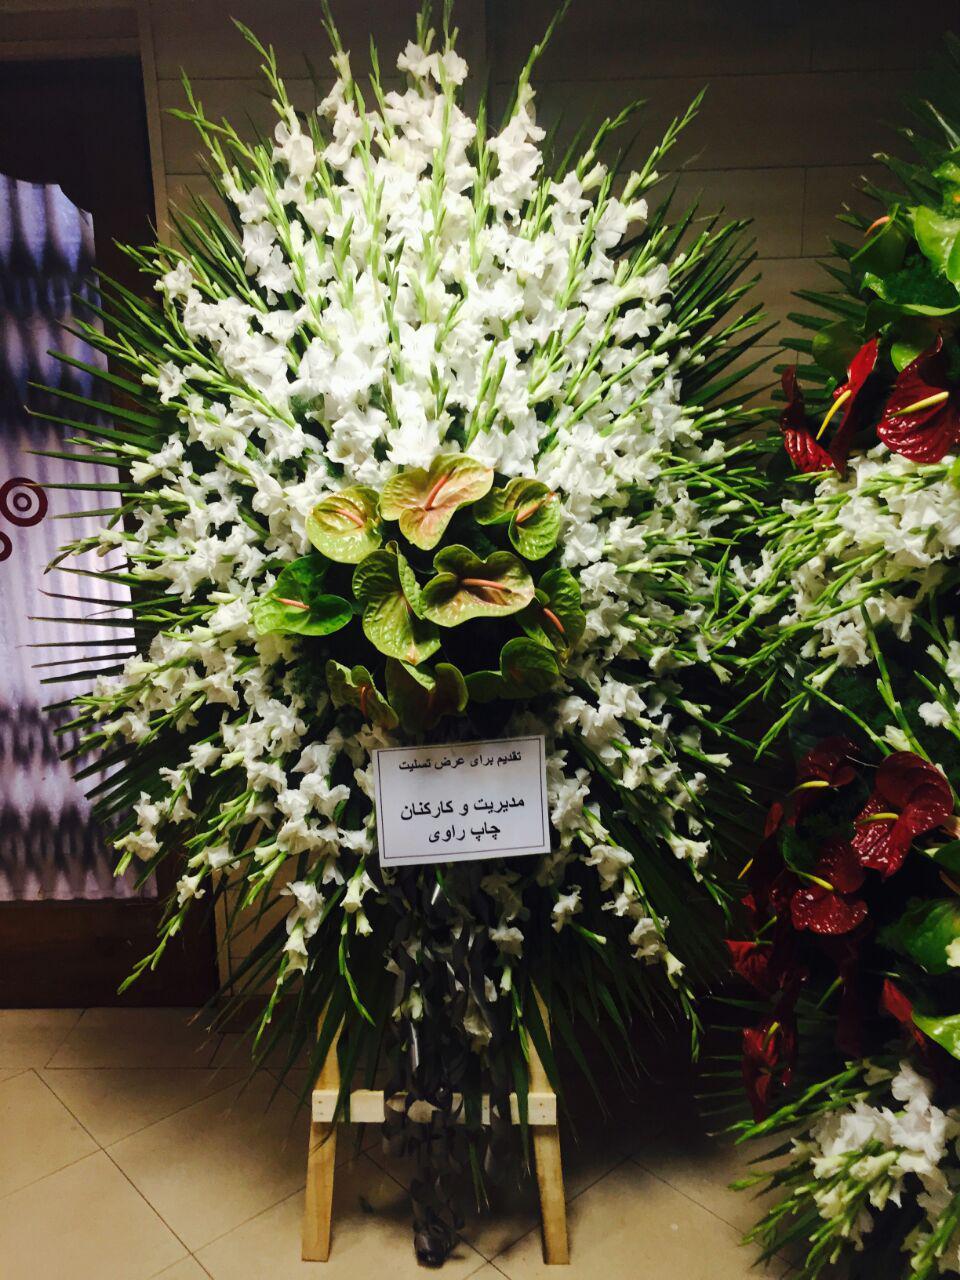 تاج گل مراسم ختم مناسب برای مراسمات ختم